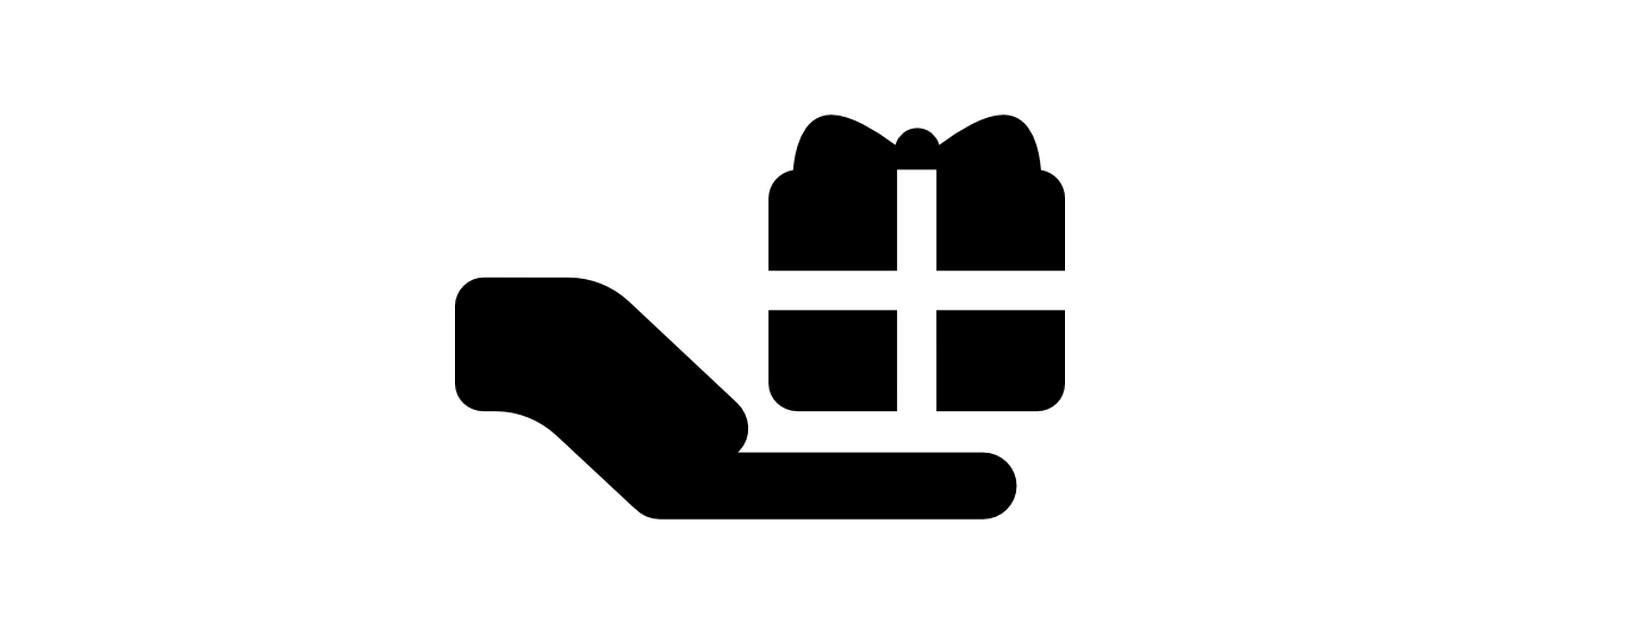 Desenho em preto e branco de uma mão estendida carregando um pacote de presente